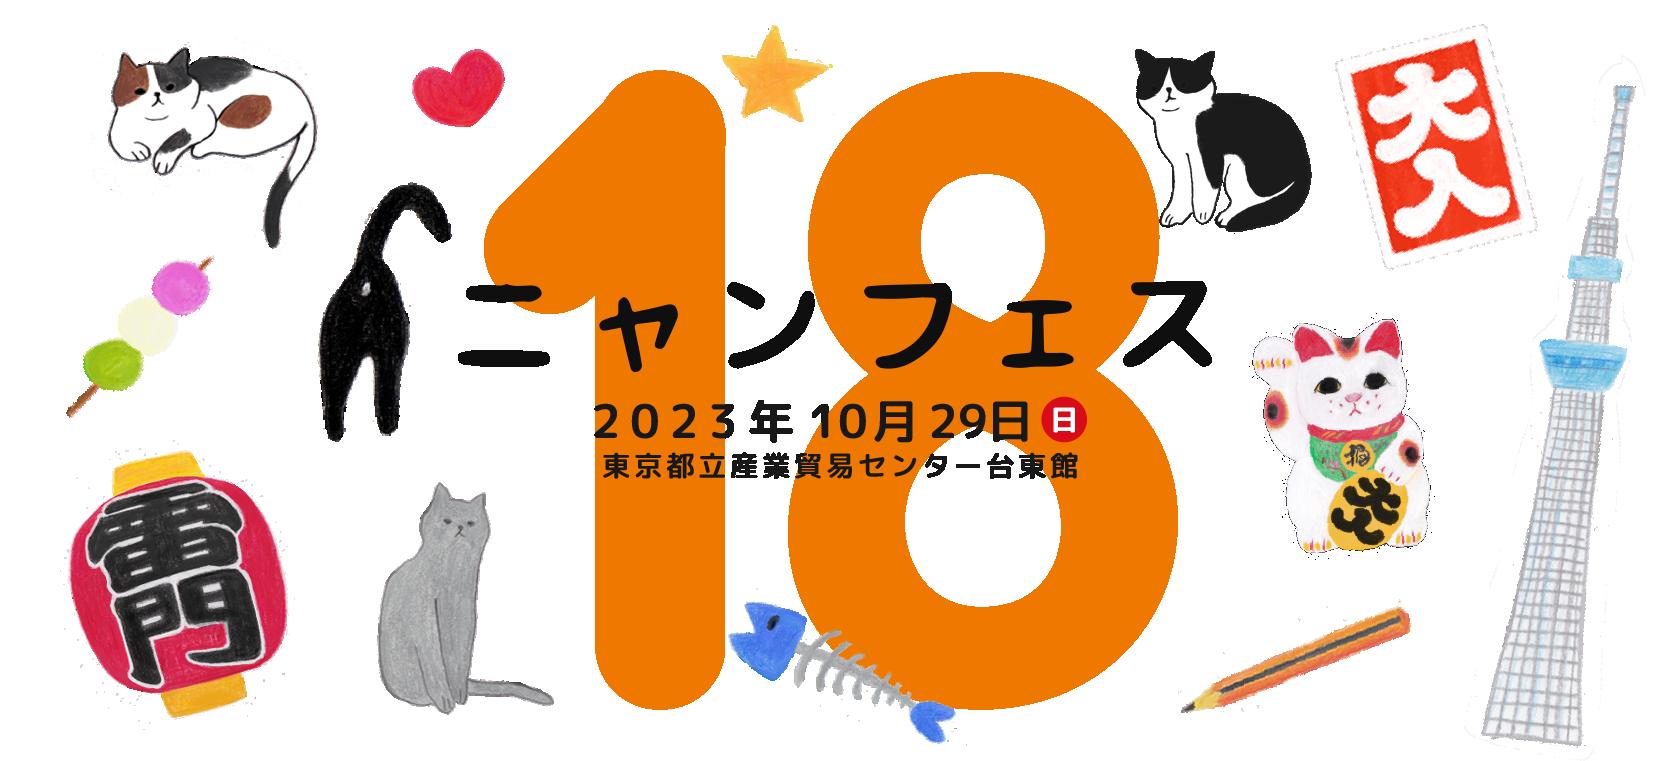 ニャンフェス5 猫好きによる、猫好きのための猫雑貨イベント 4月9日 #ニャンフェス #ねこ #ネコ @ 東京都立産業貿易センター台東館6階 | 台東区 | 東京都 | 日本